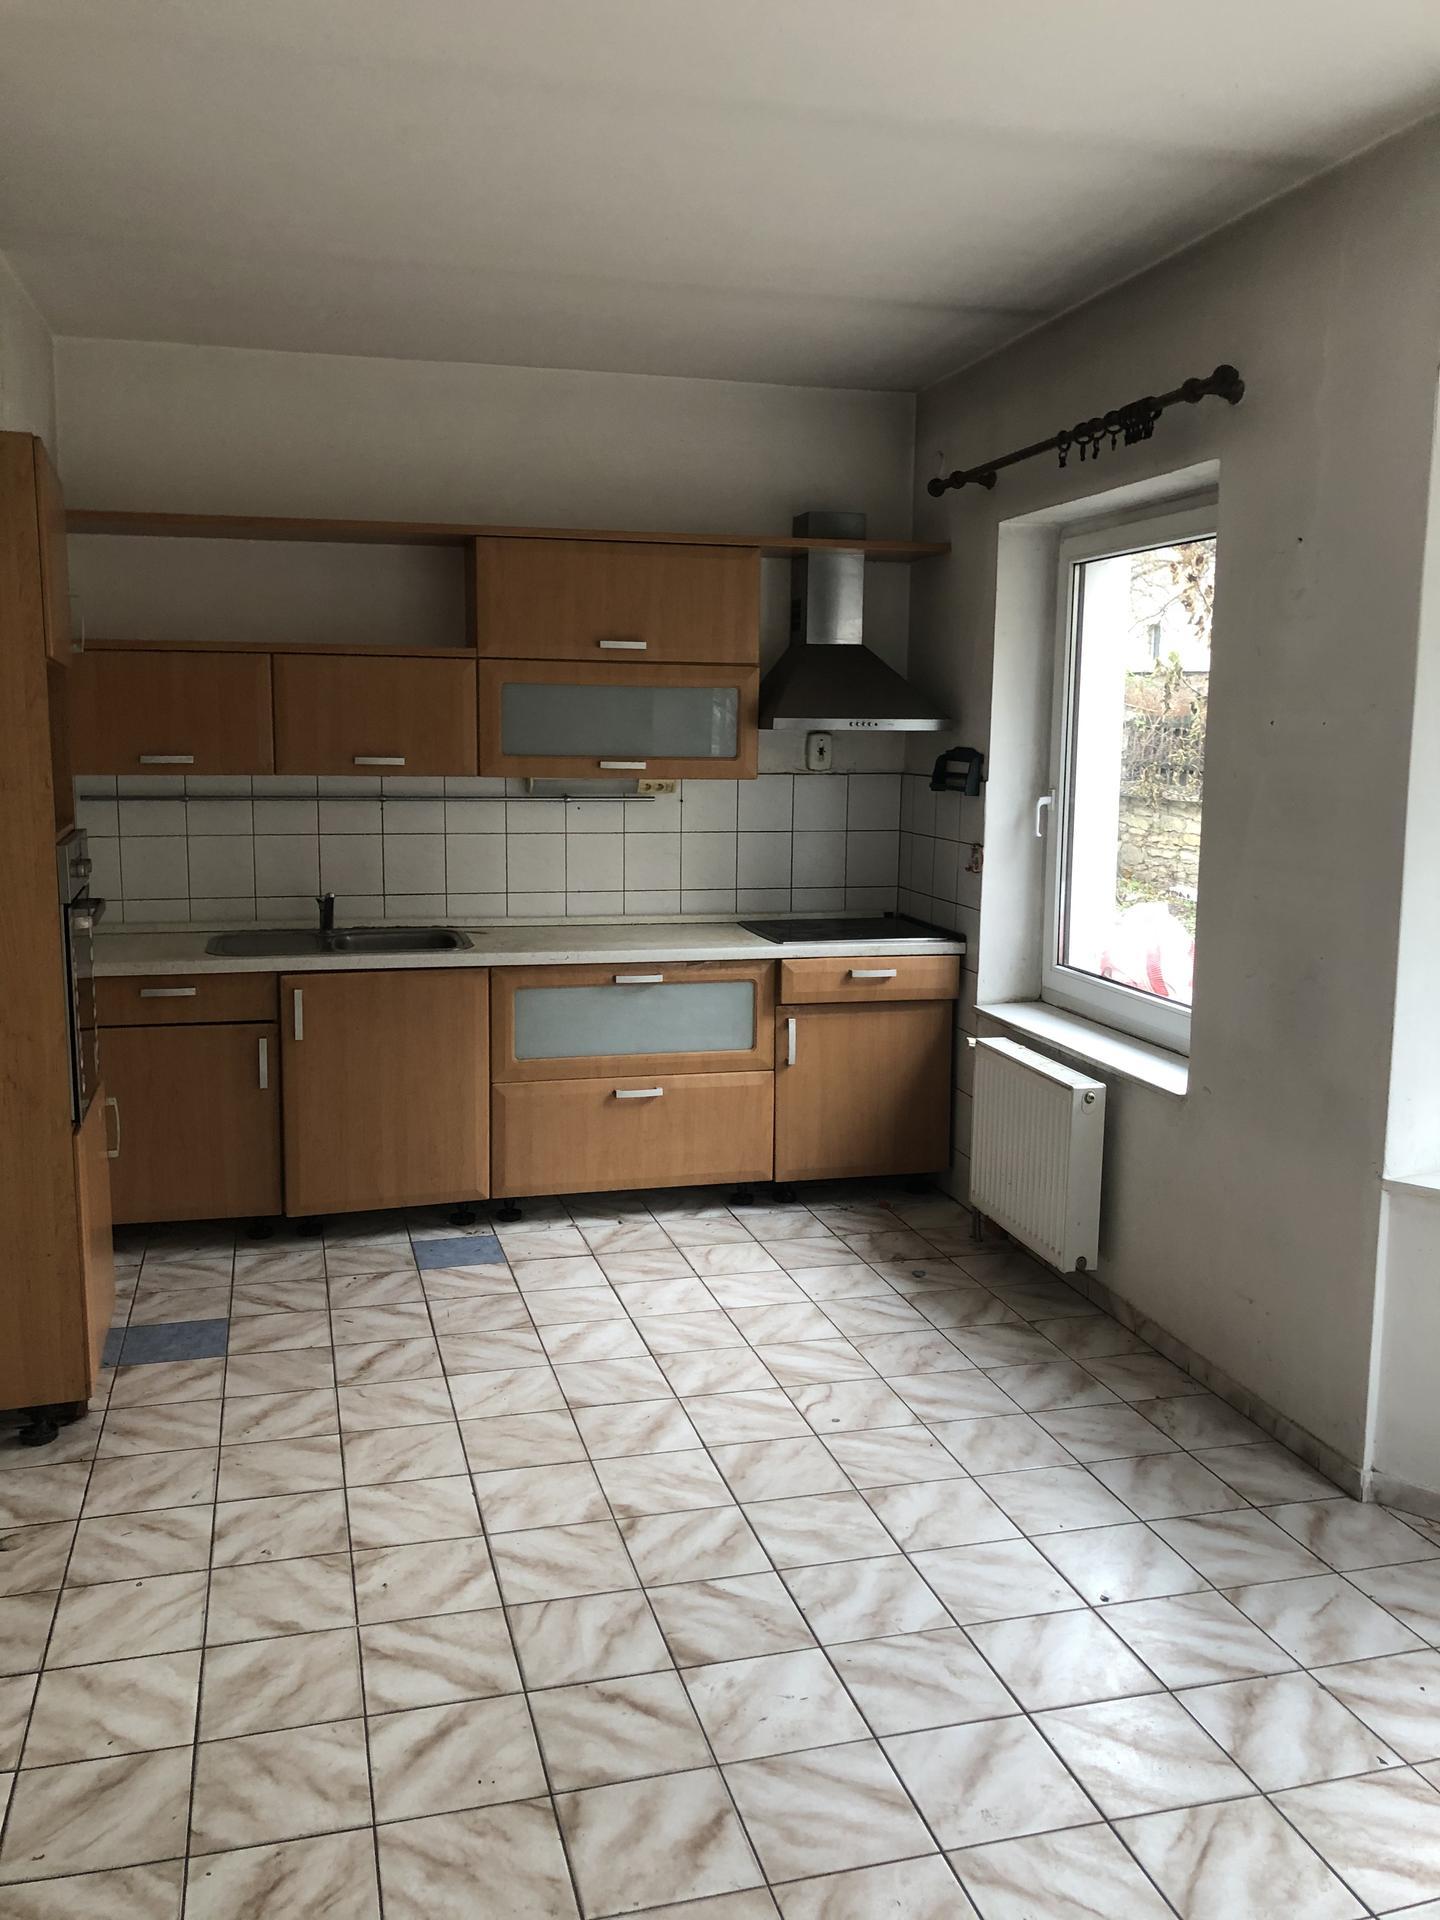 Tak i my jsme se dočkali 🏡❤️⚒ - PŘED Kuchyň v přízemí, naprosto zanedbaná a špinavá (ani nejde popsat slovy), celé přízemí se bude předělávat (podlahové topení,..).